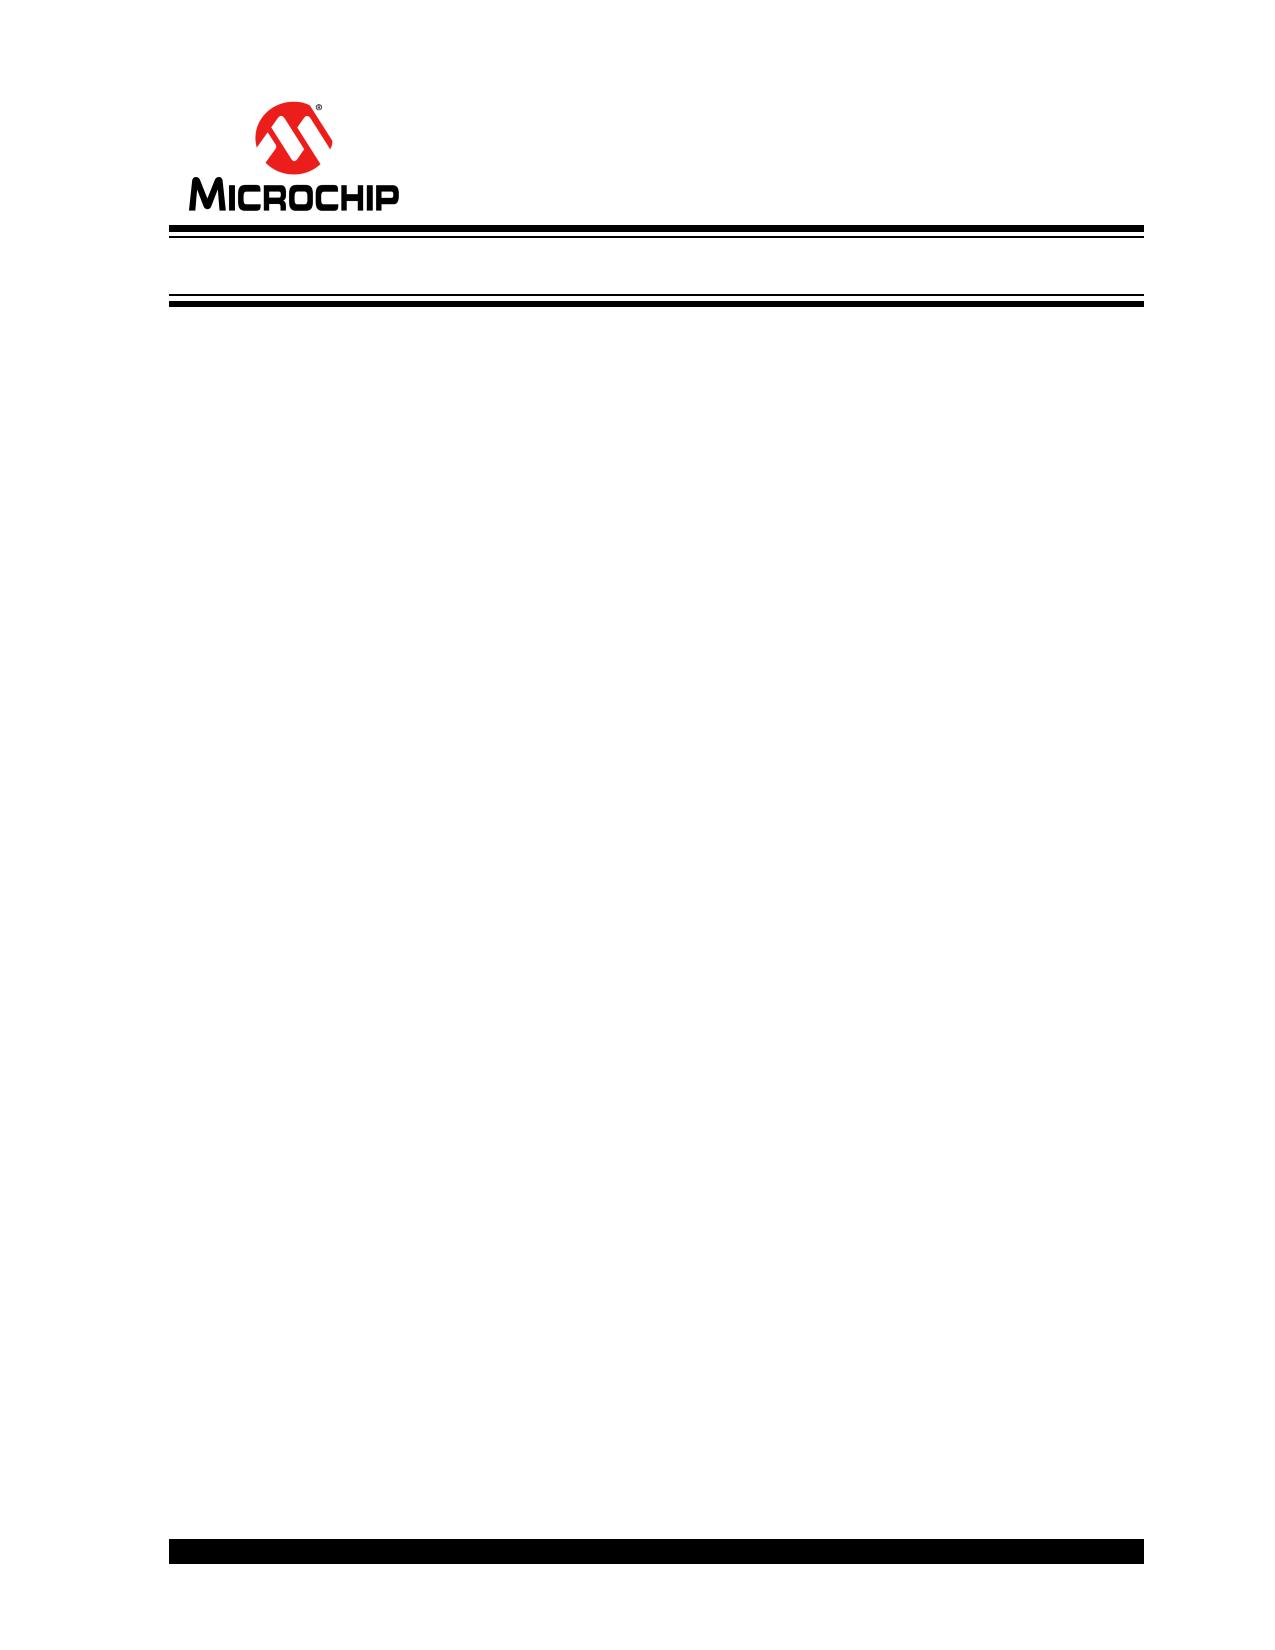 16F1788 دیتاشیت PDF